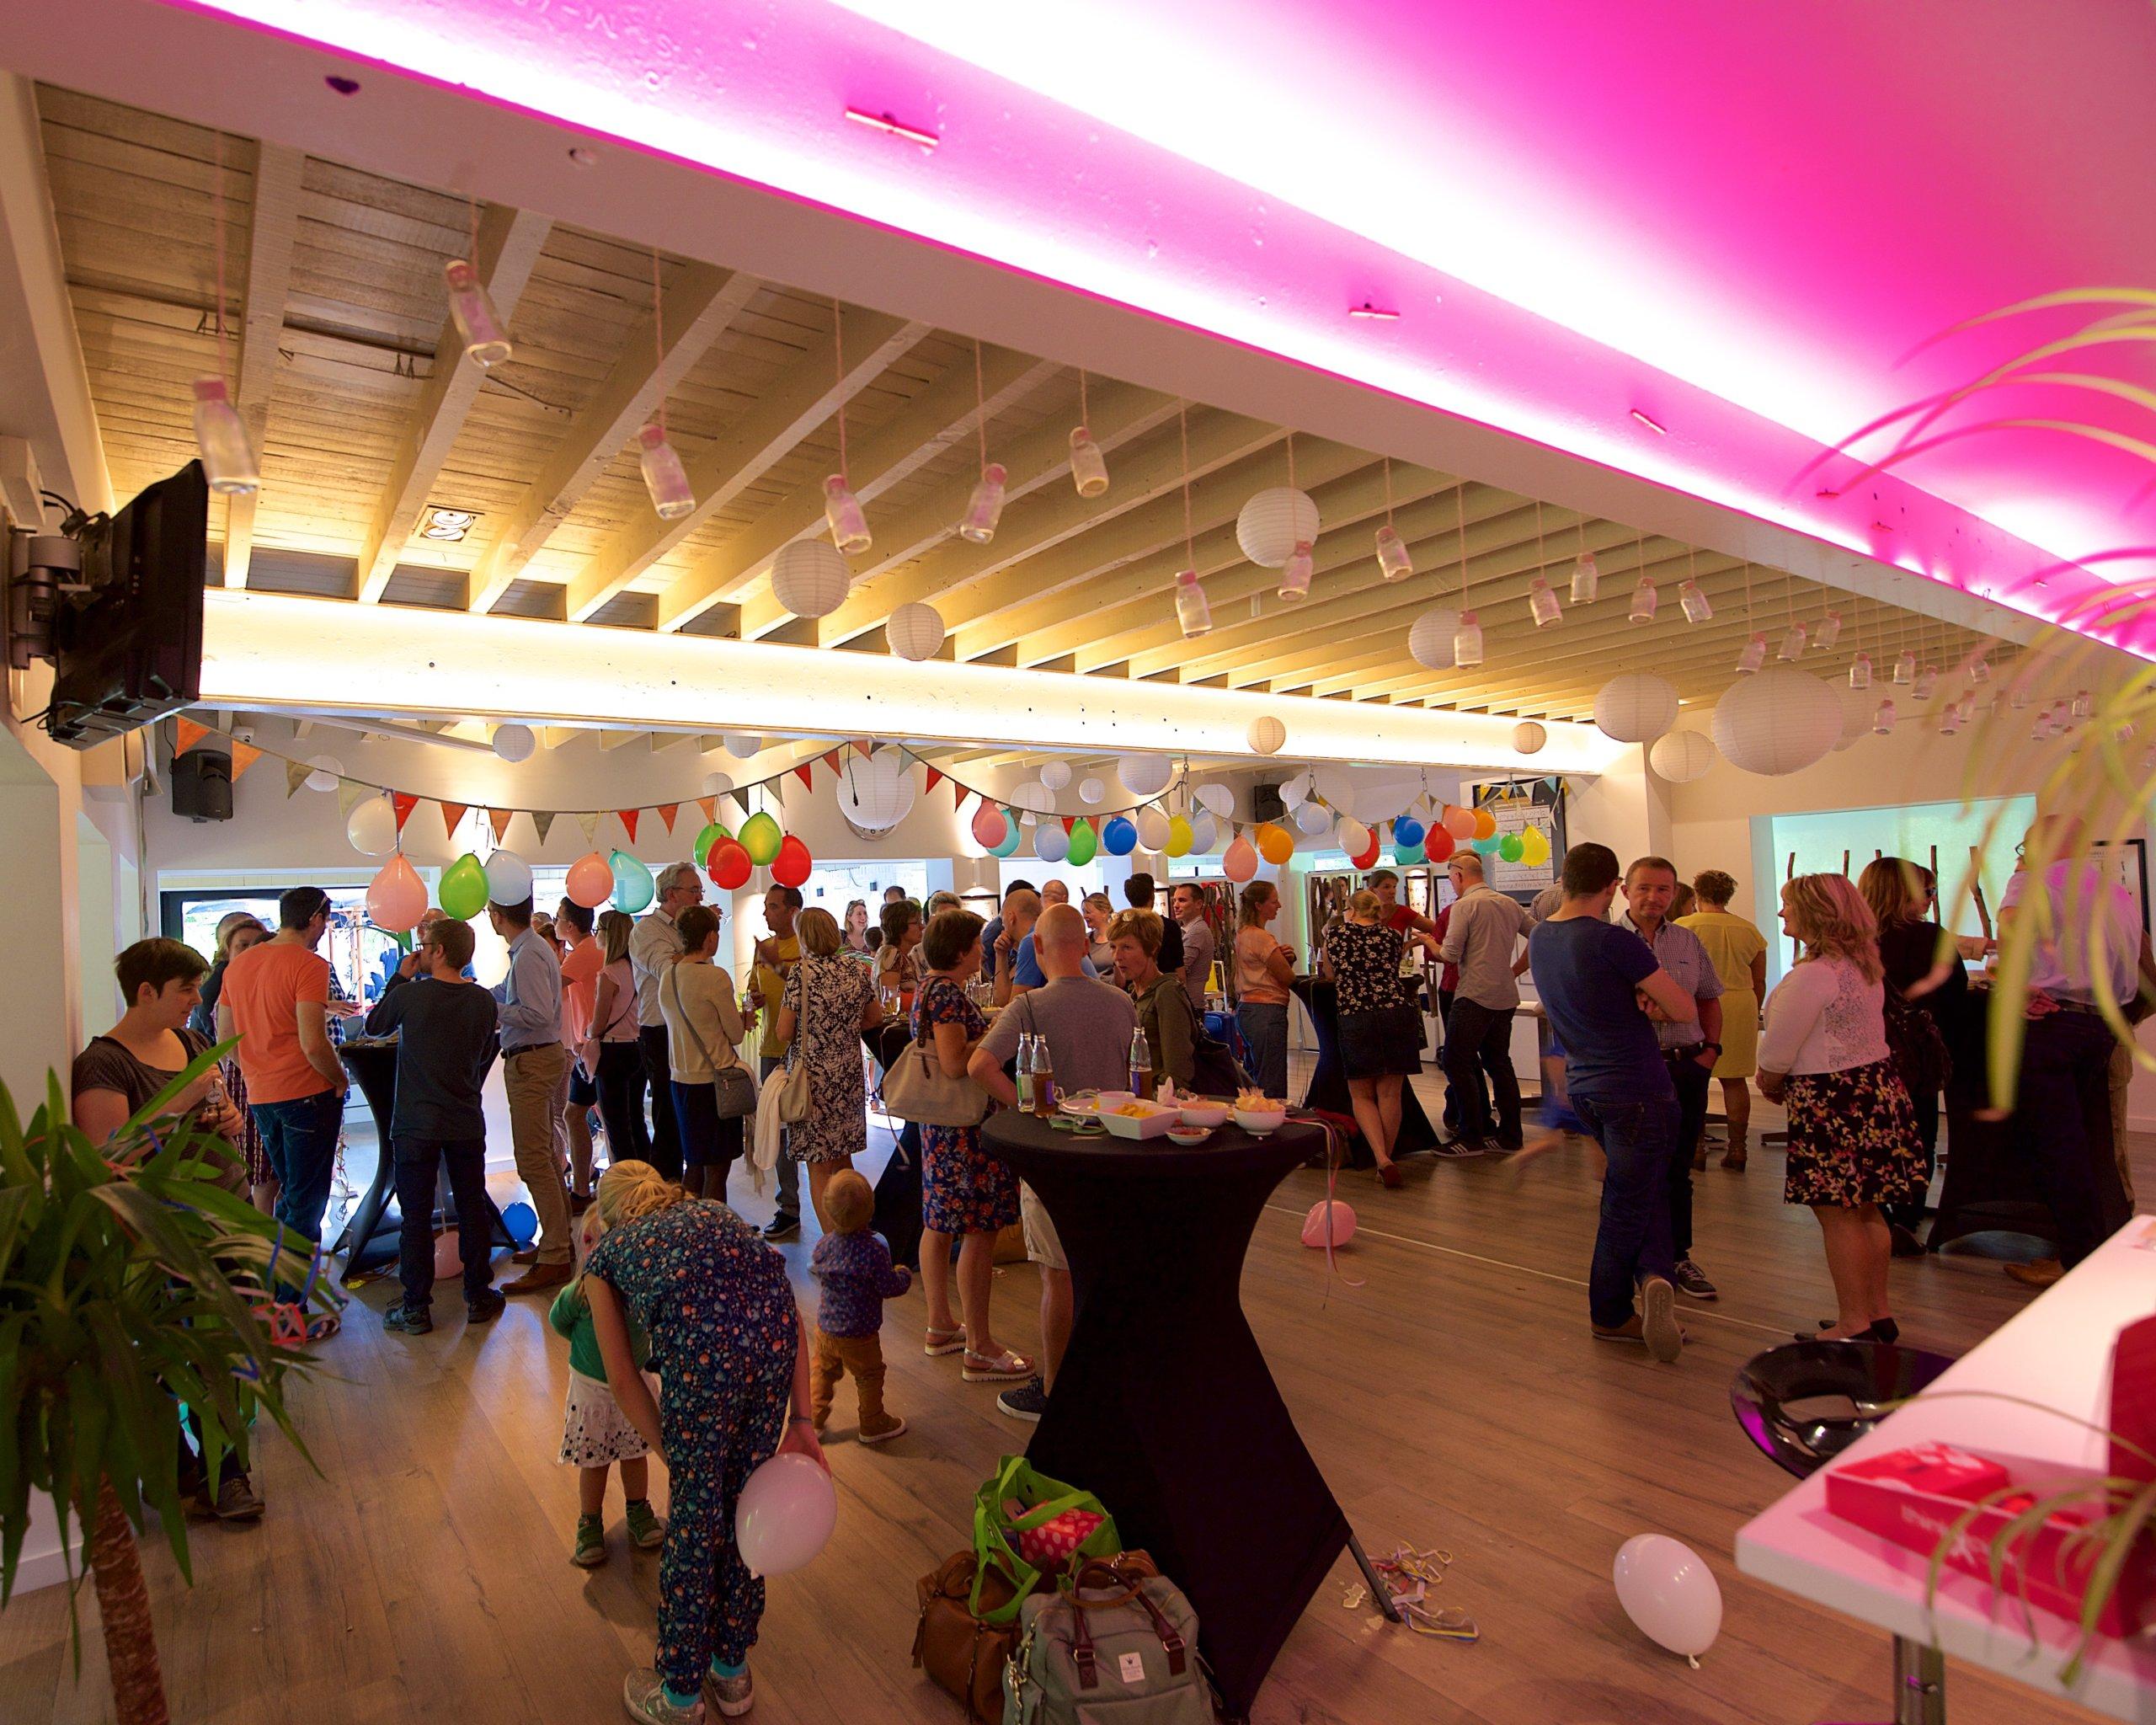 @The park - boekenbergpark - deurne - feestzaal - verjaardagsfeest - 2